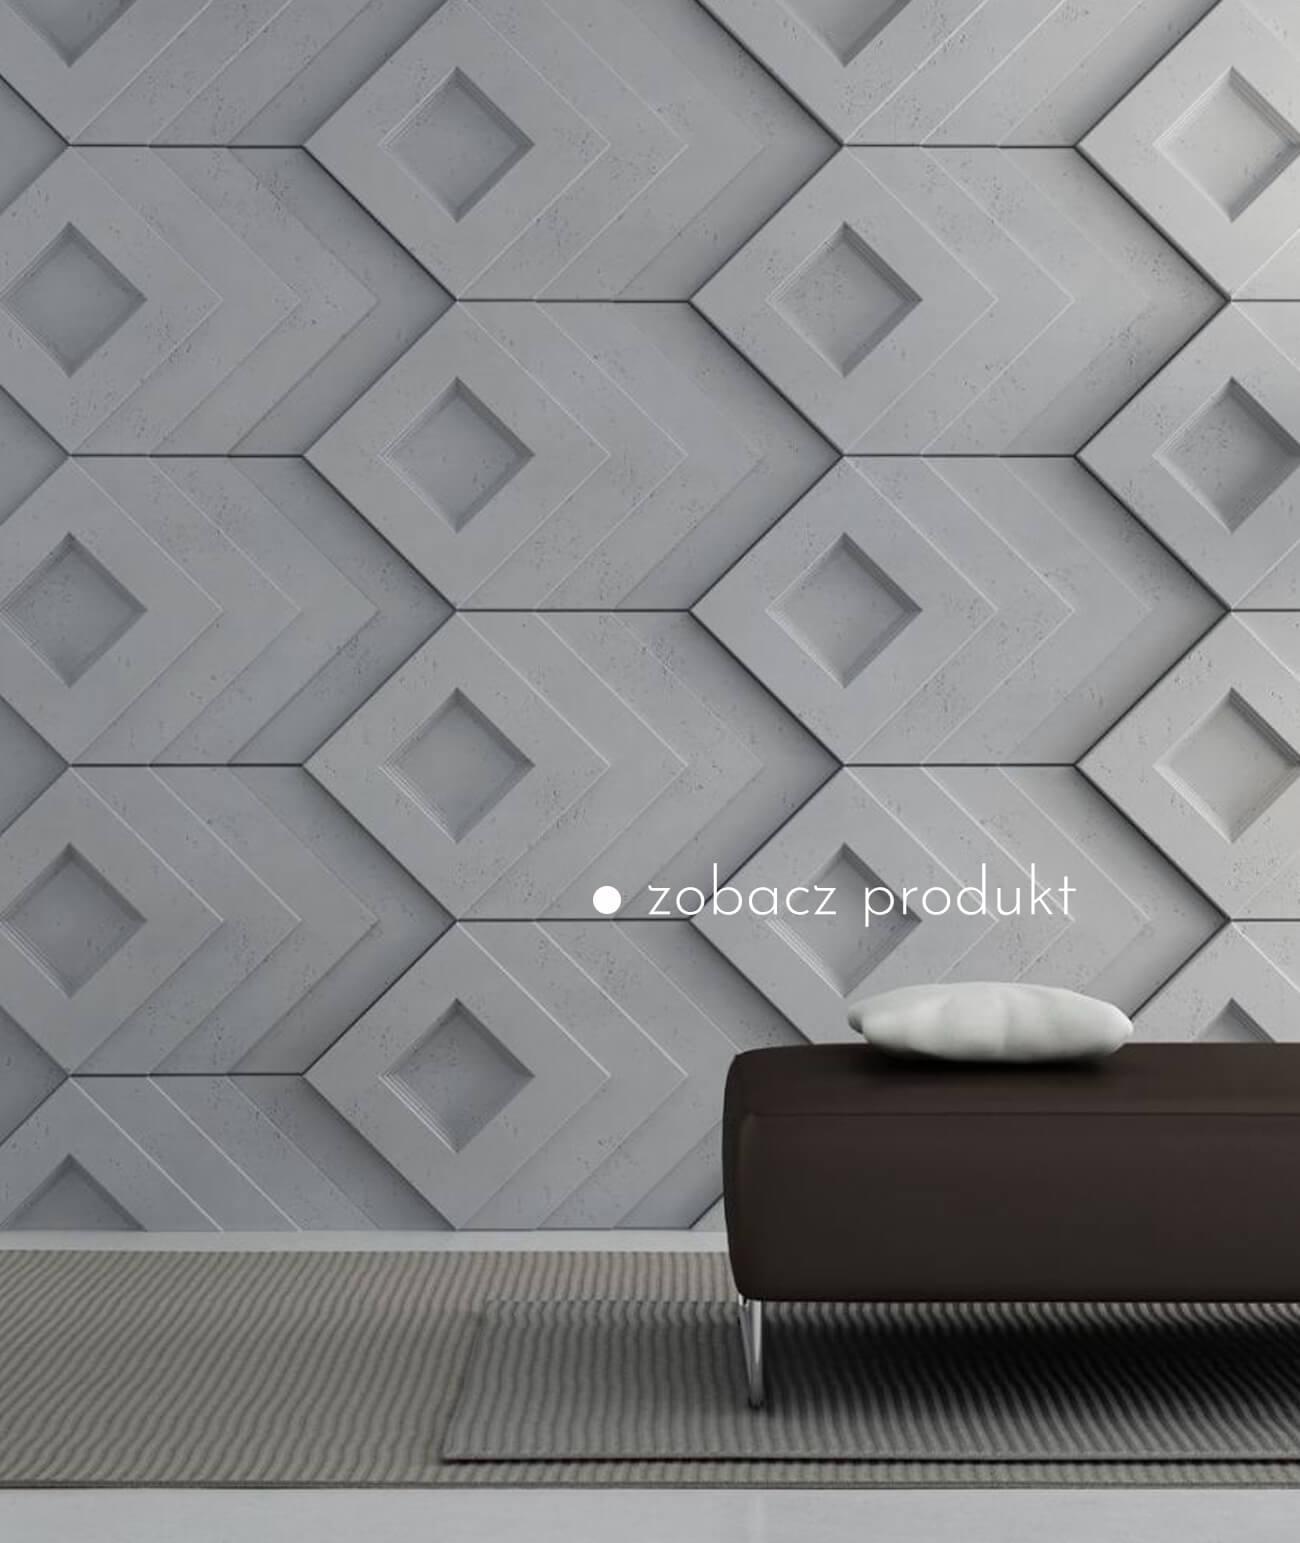 panele-betonowe-3d-scienne-i-elewacyjne-beton-architektoniczny_816-19432-pb21-s51-ciemny-szary-mysi-slab---panel-dekor-3d-beton-architektoniczny-panel-scienny